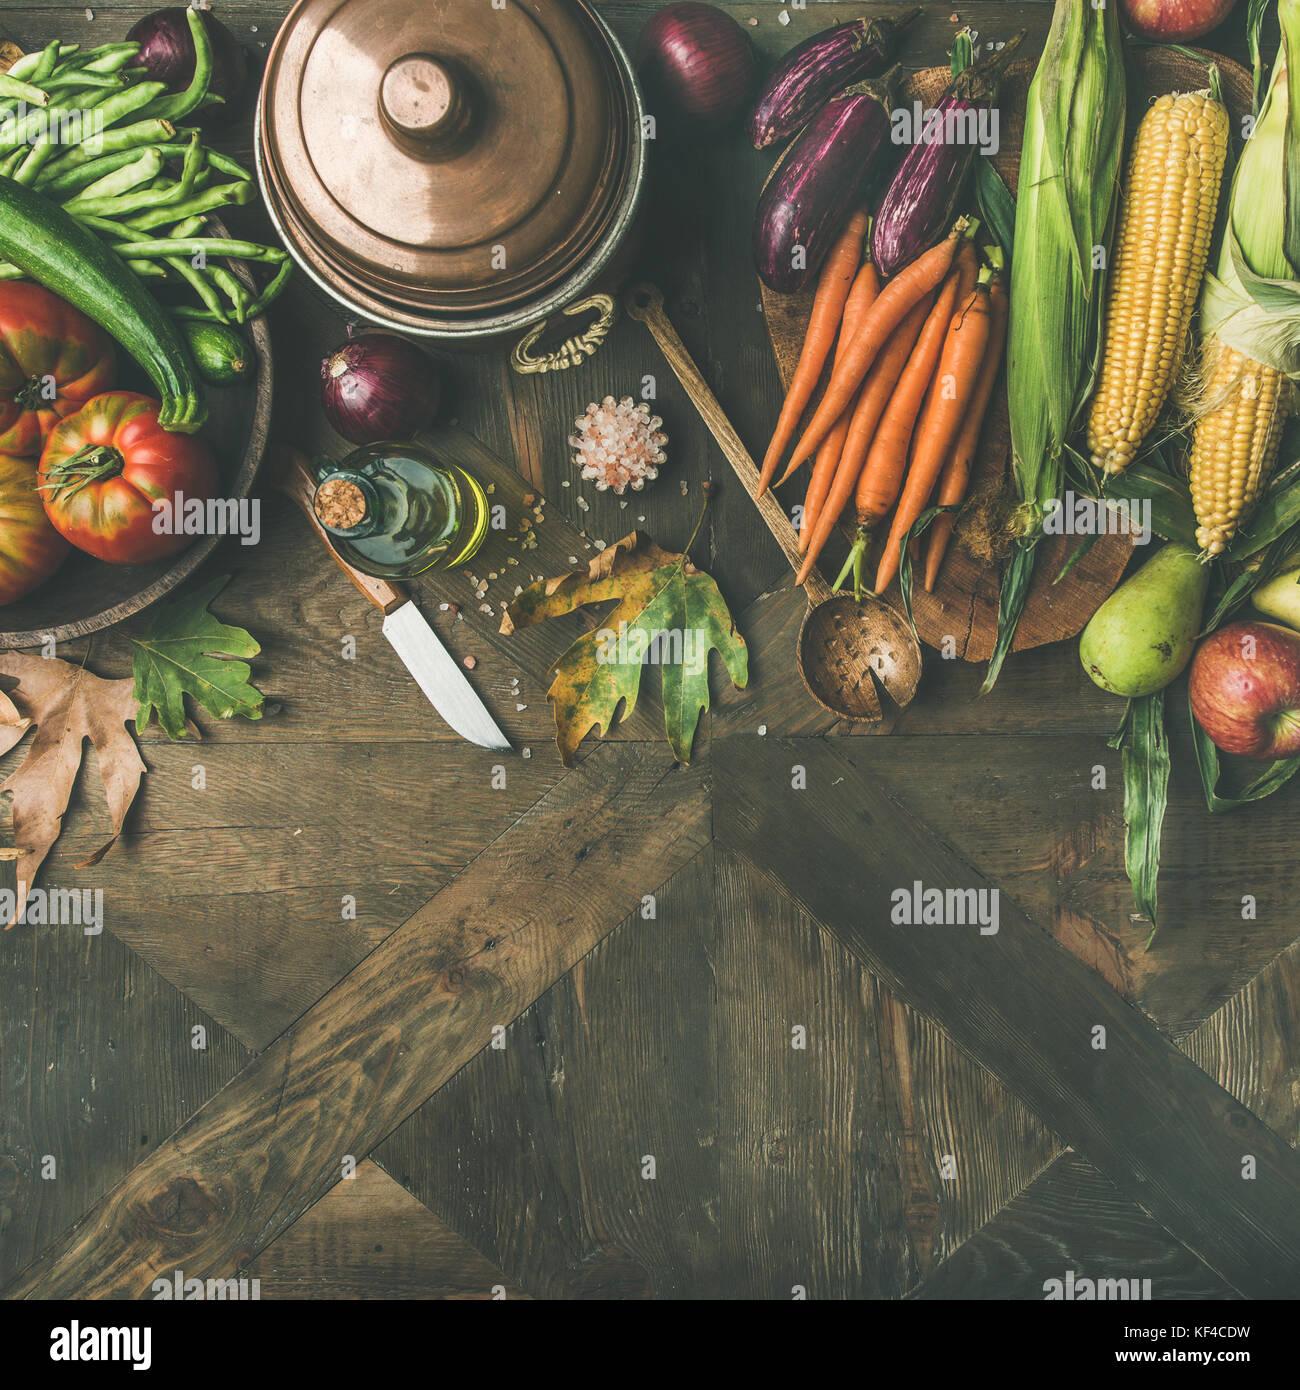 Herbst gesunden Zutaten für thanksgiving Tag Abendessen, Quadrat Erntegut Stockbild